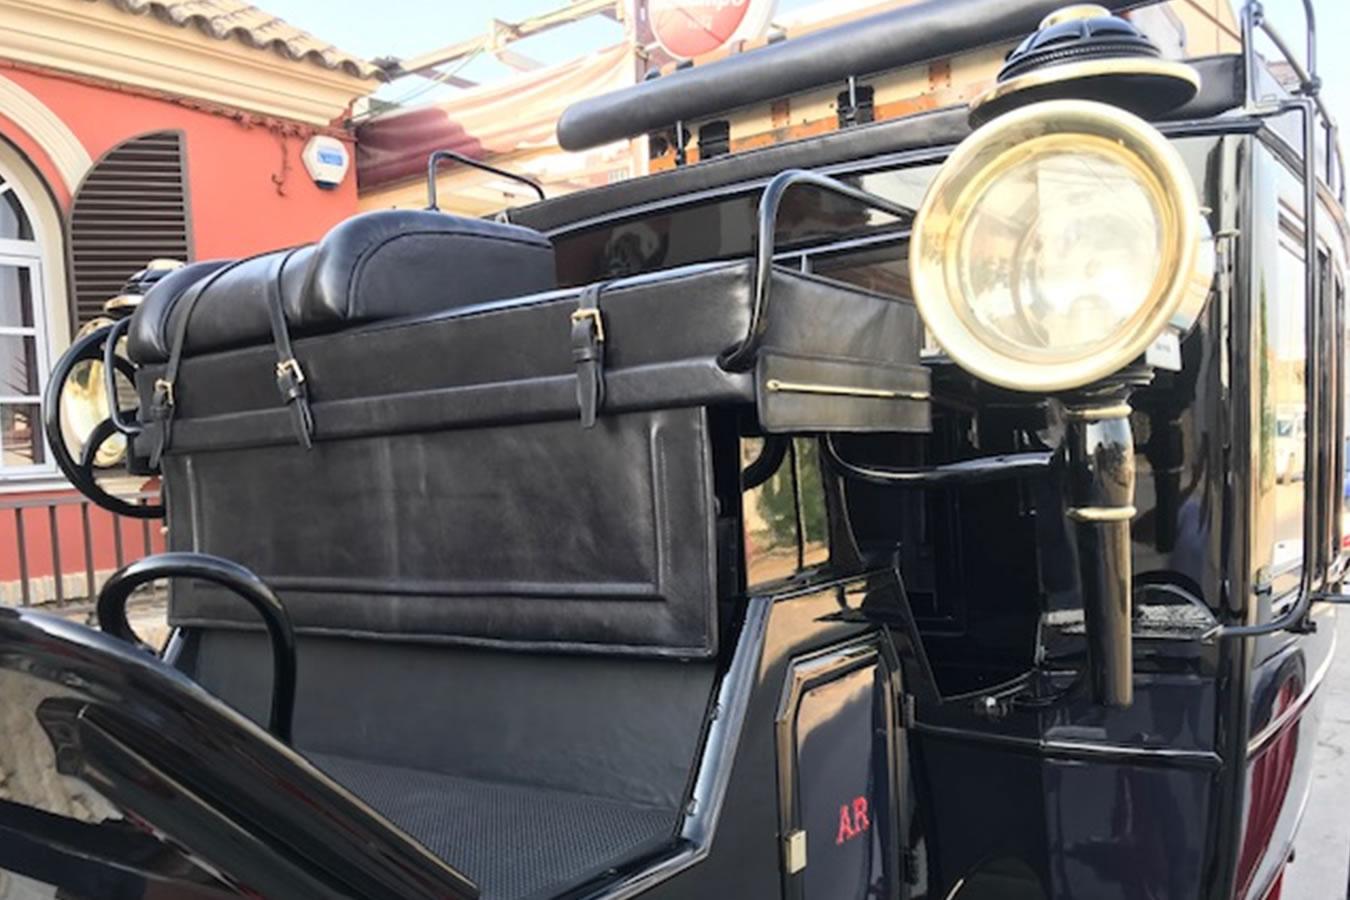 169-restauracion-carruaje-omnibus-detalle-6